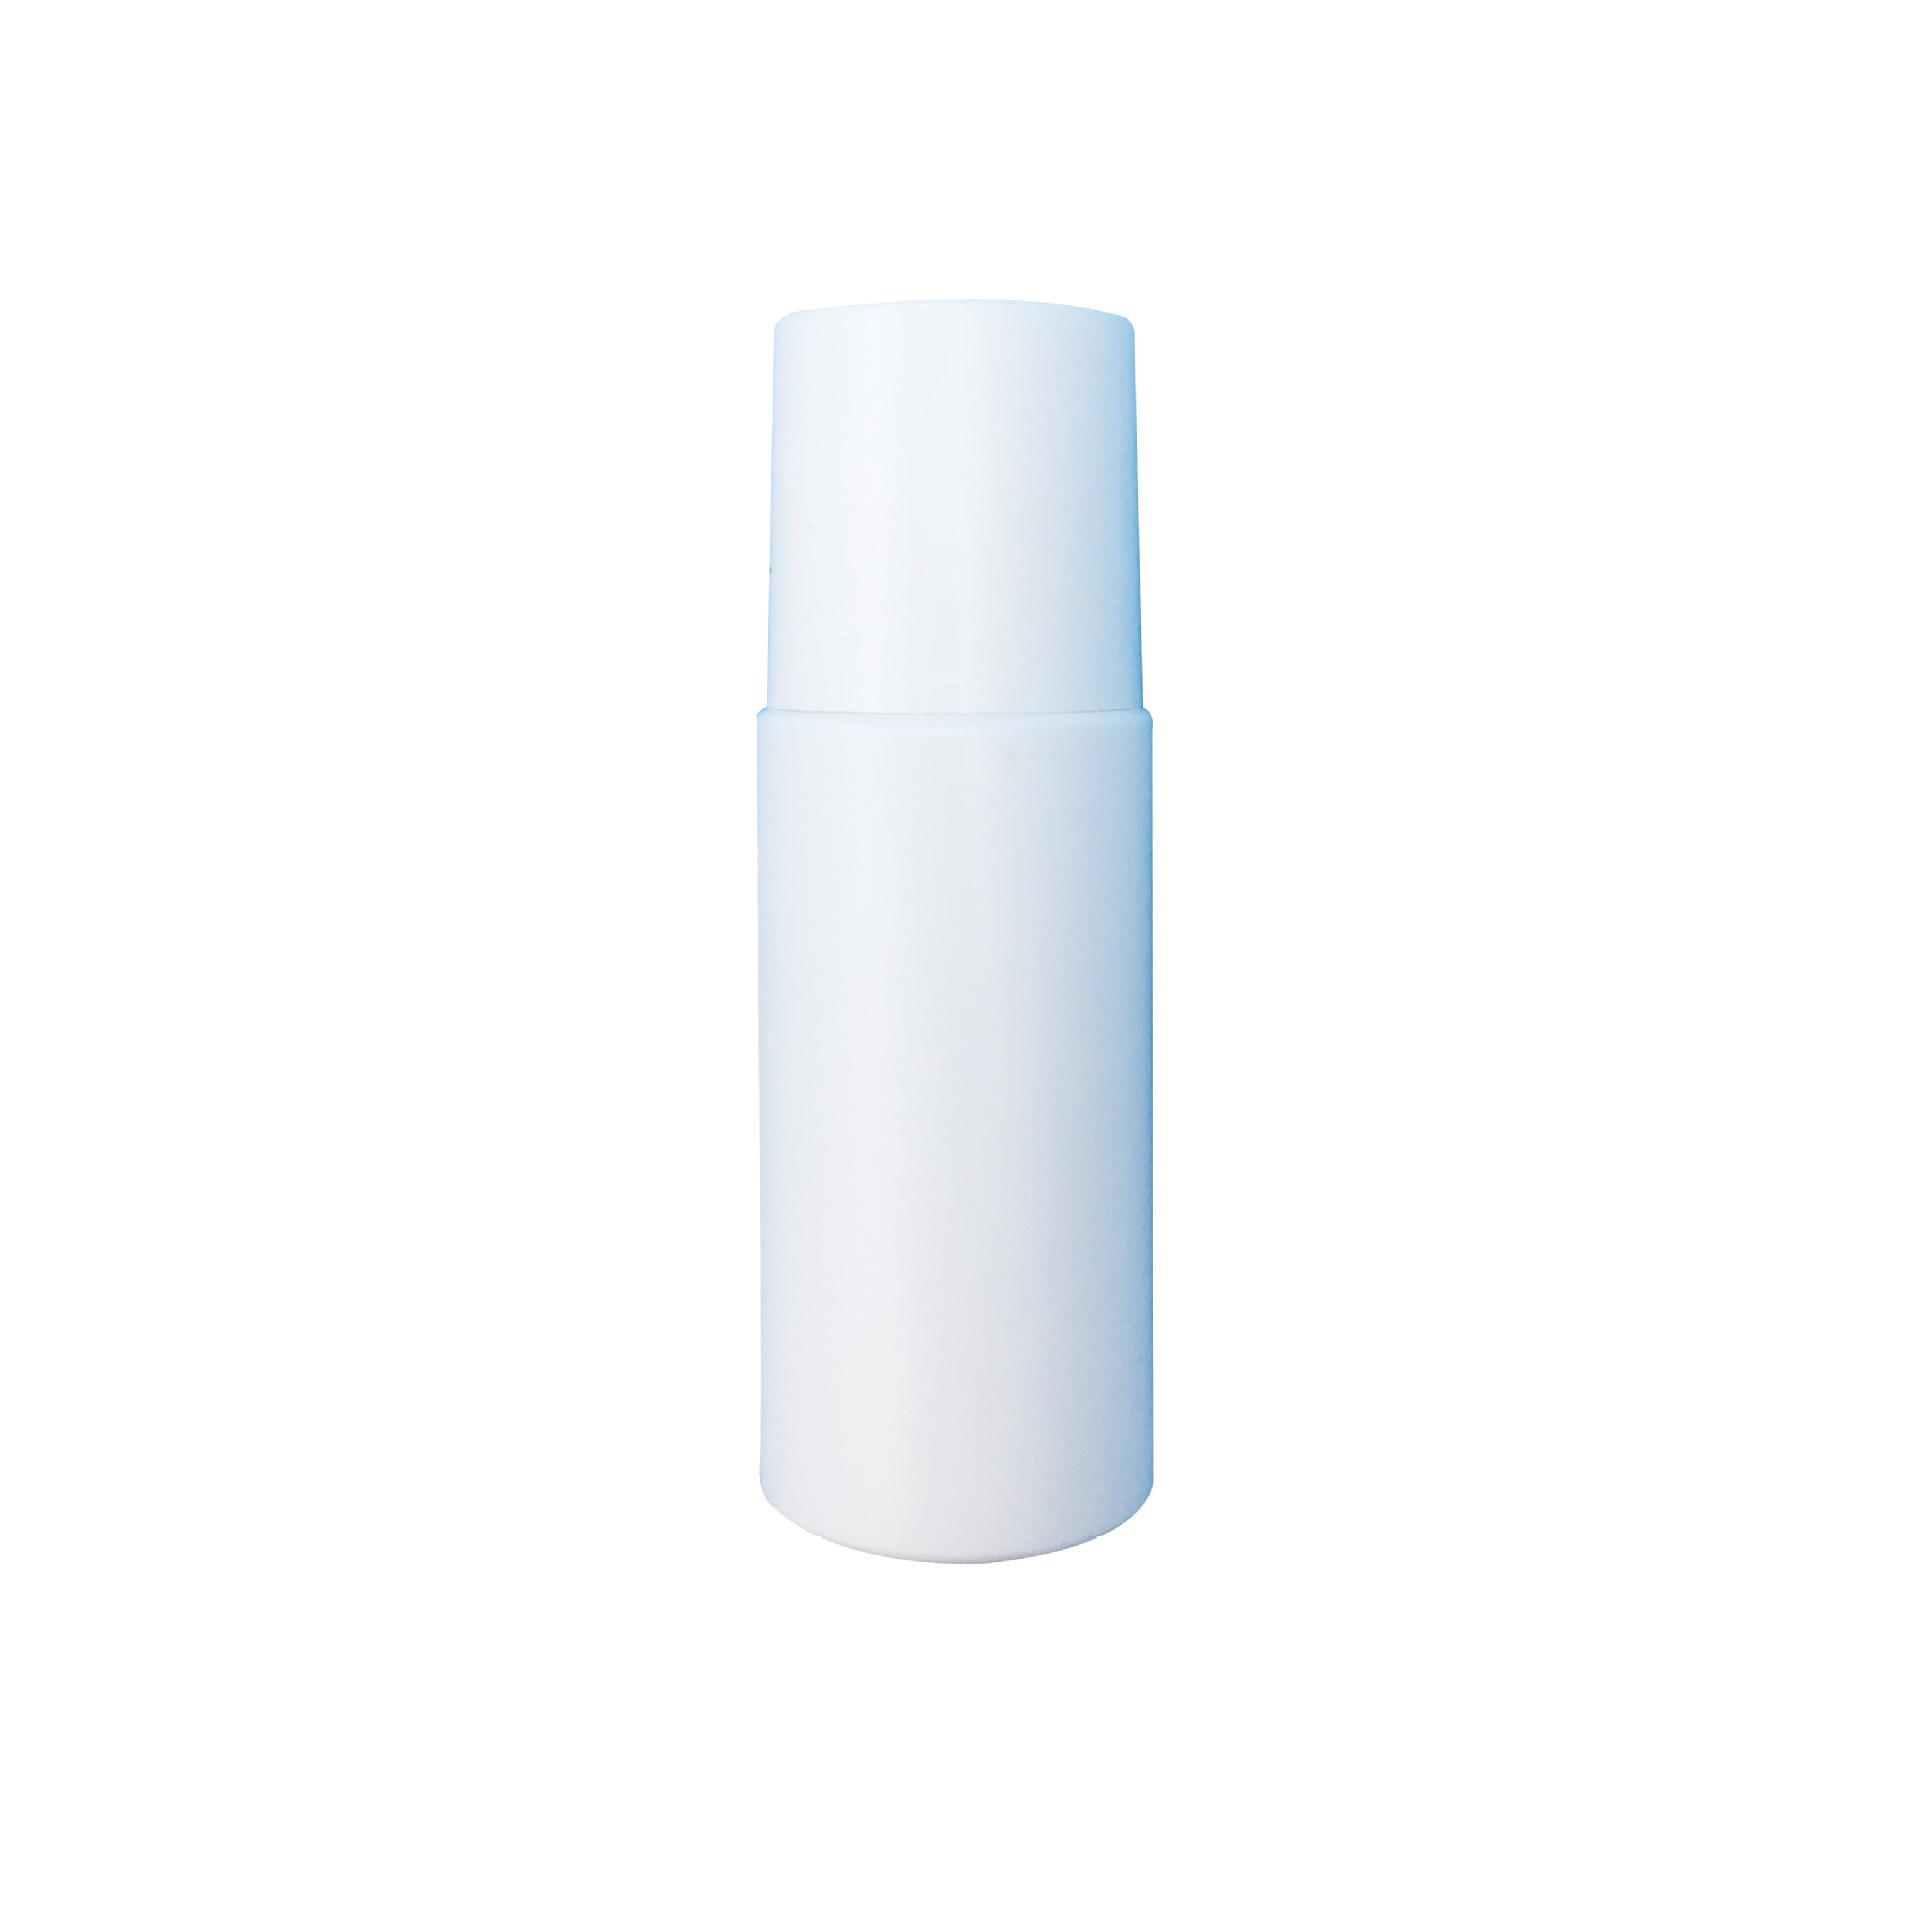 洗甲水卸甲水卸光疗甲油胶美甲产品专用75ml快洗甲水嗜喱水软化剂